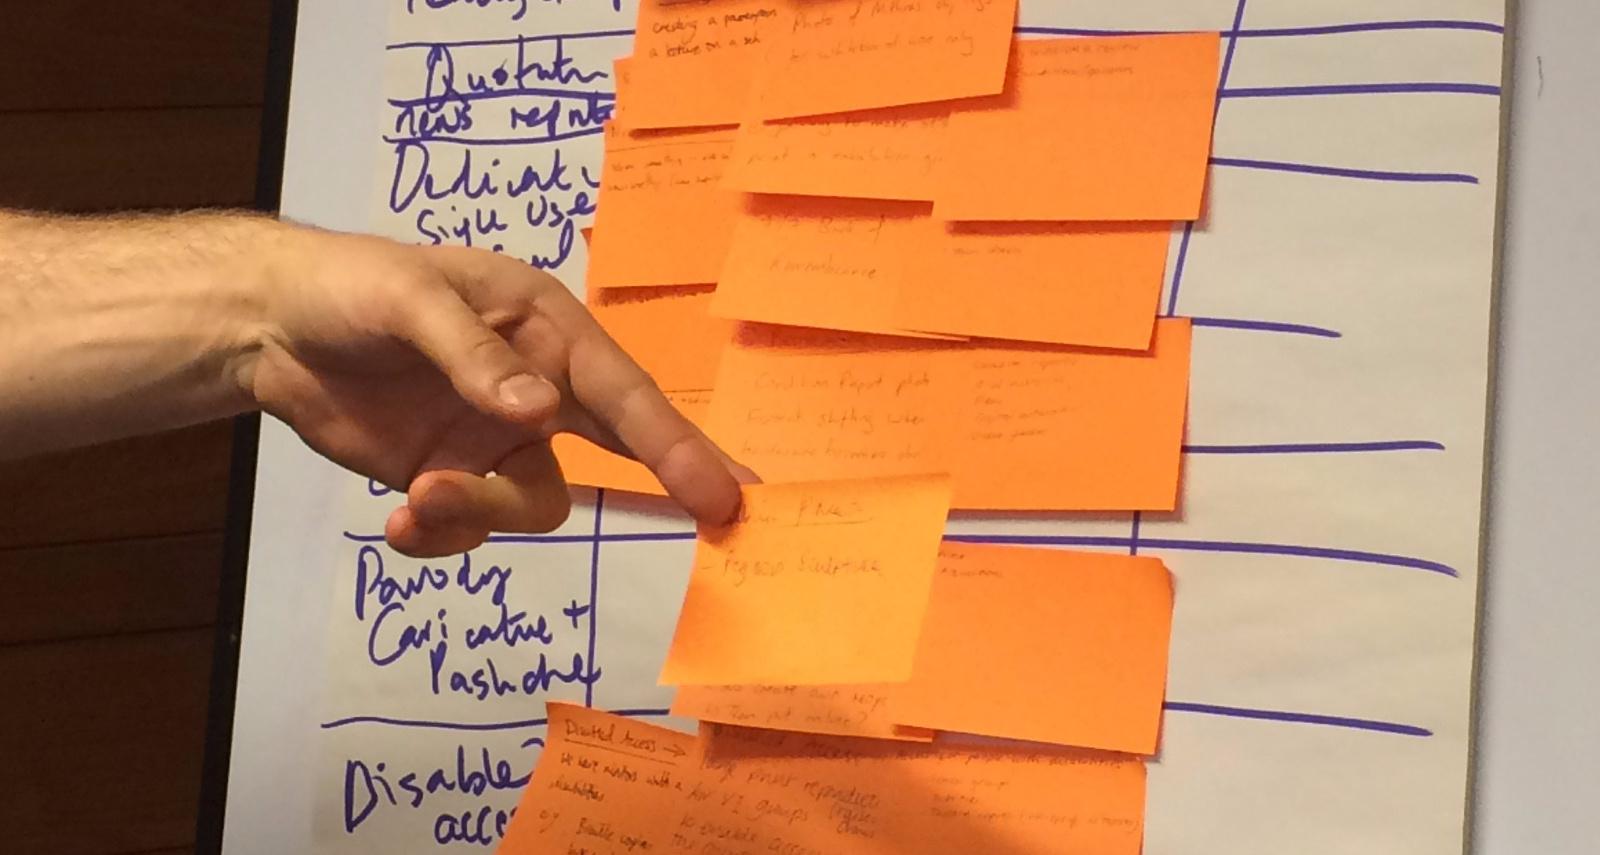 flipchart-with-orange-notes